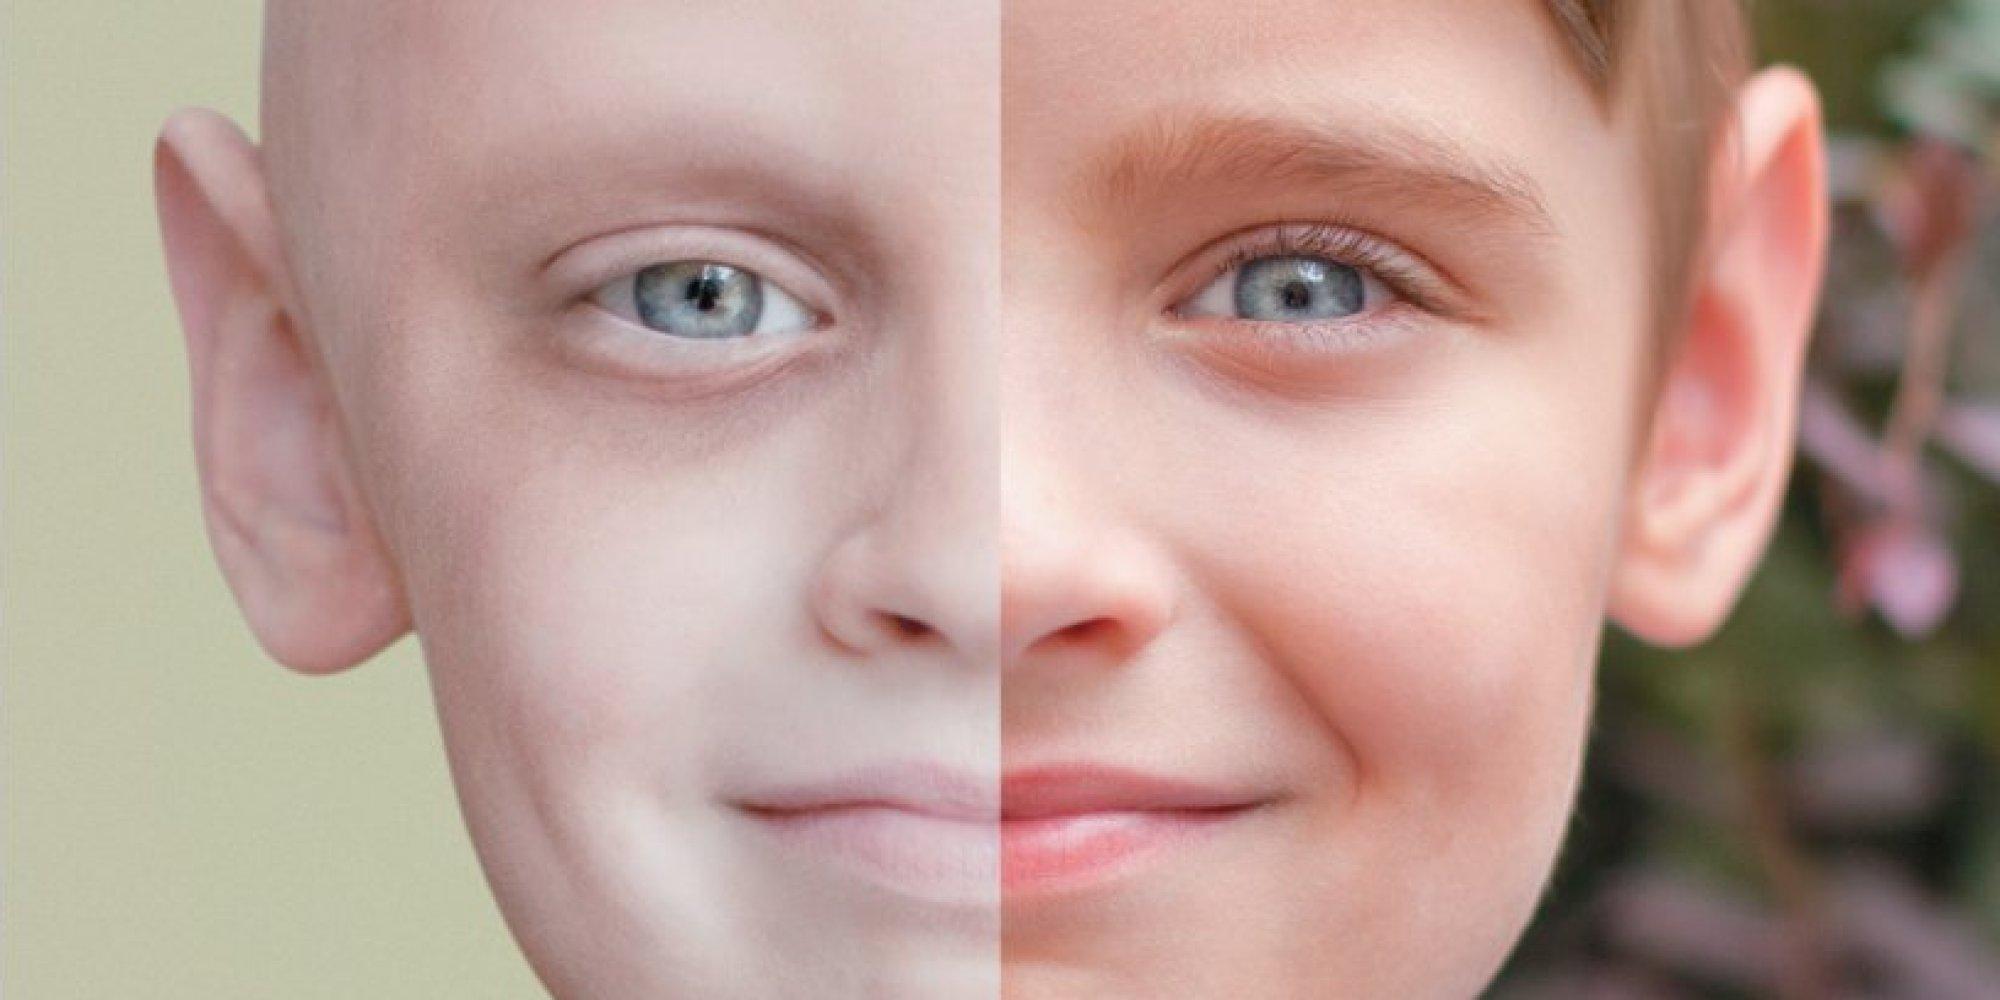 بالصور اخطر انواع السرطان , ماهو اخطر انواع السرطان 93 3